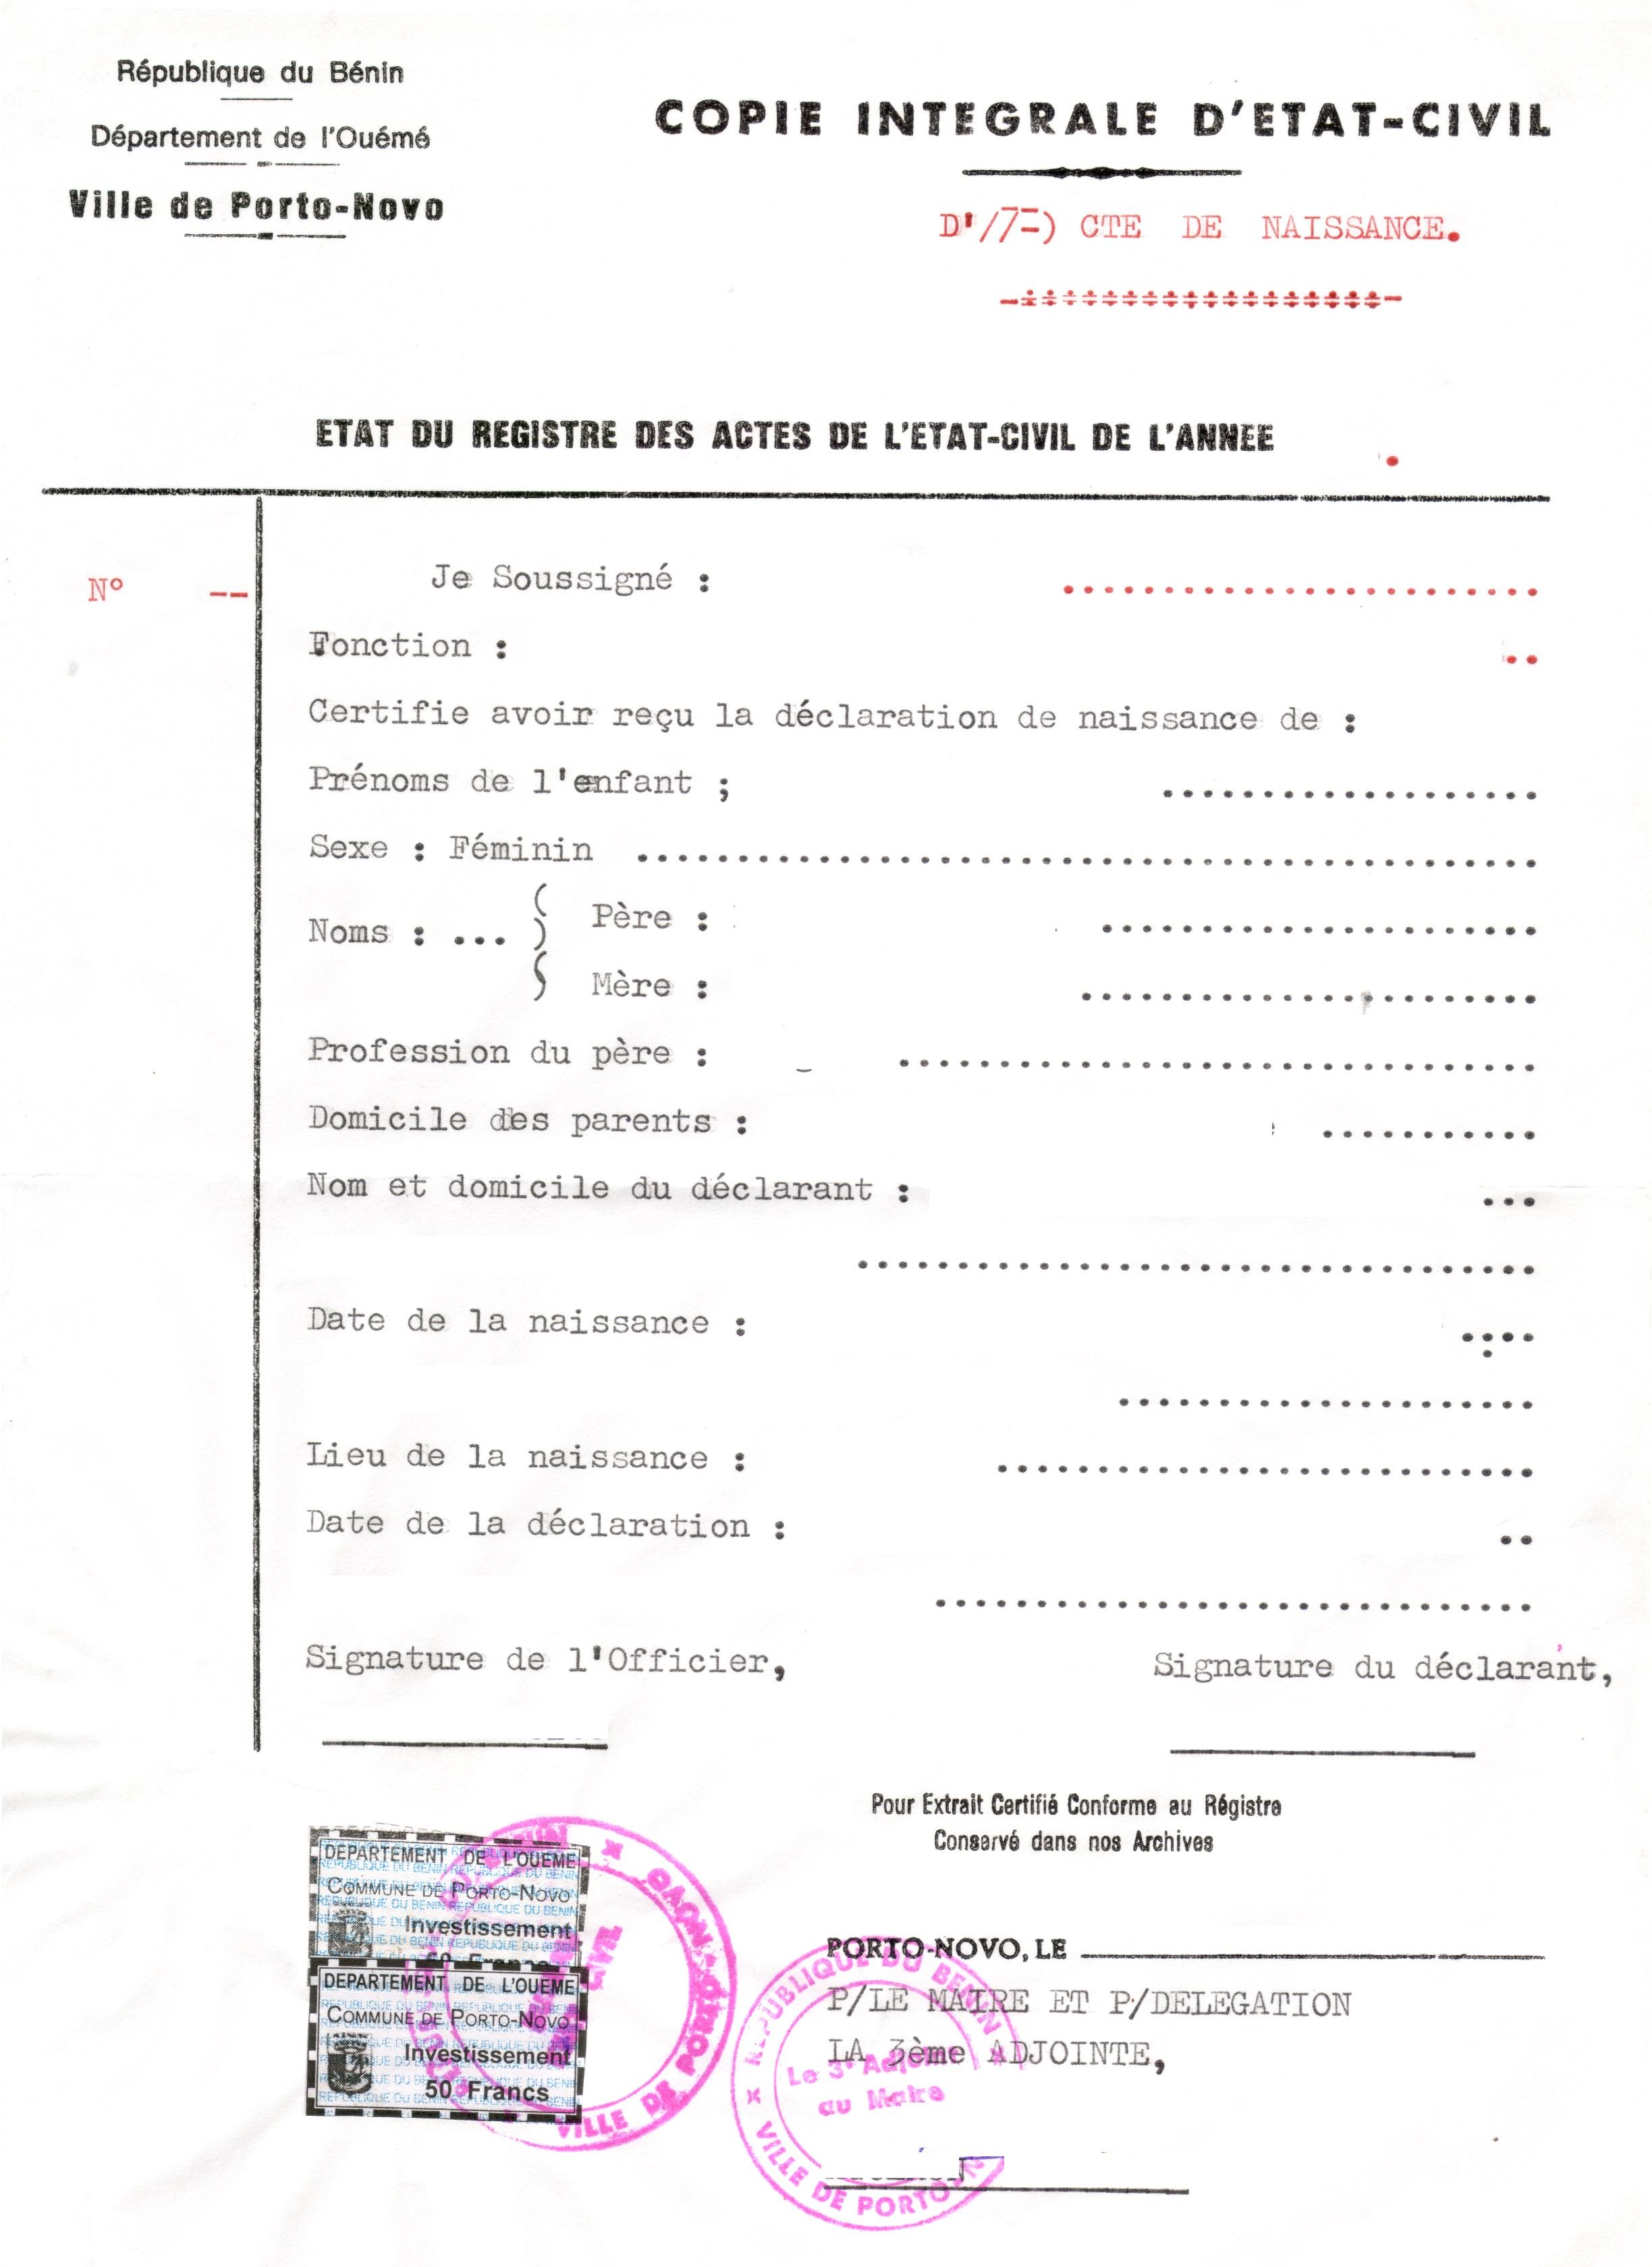 Dating-Standort in Republik von Benin